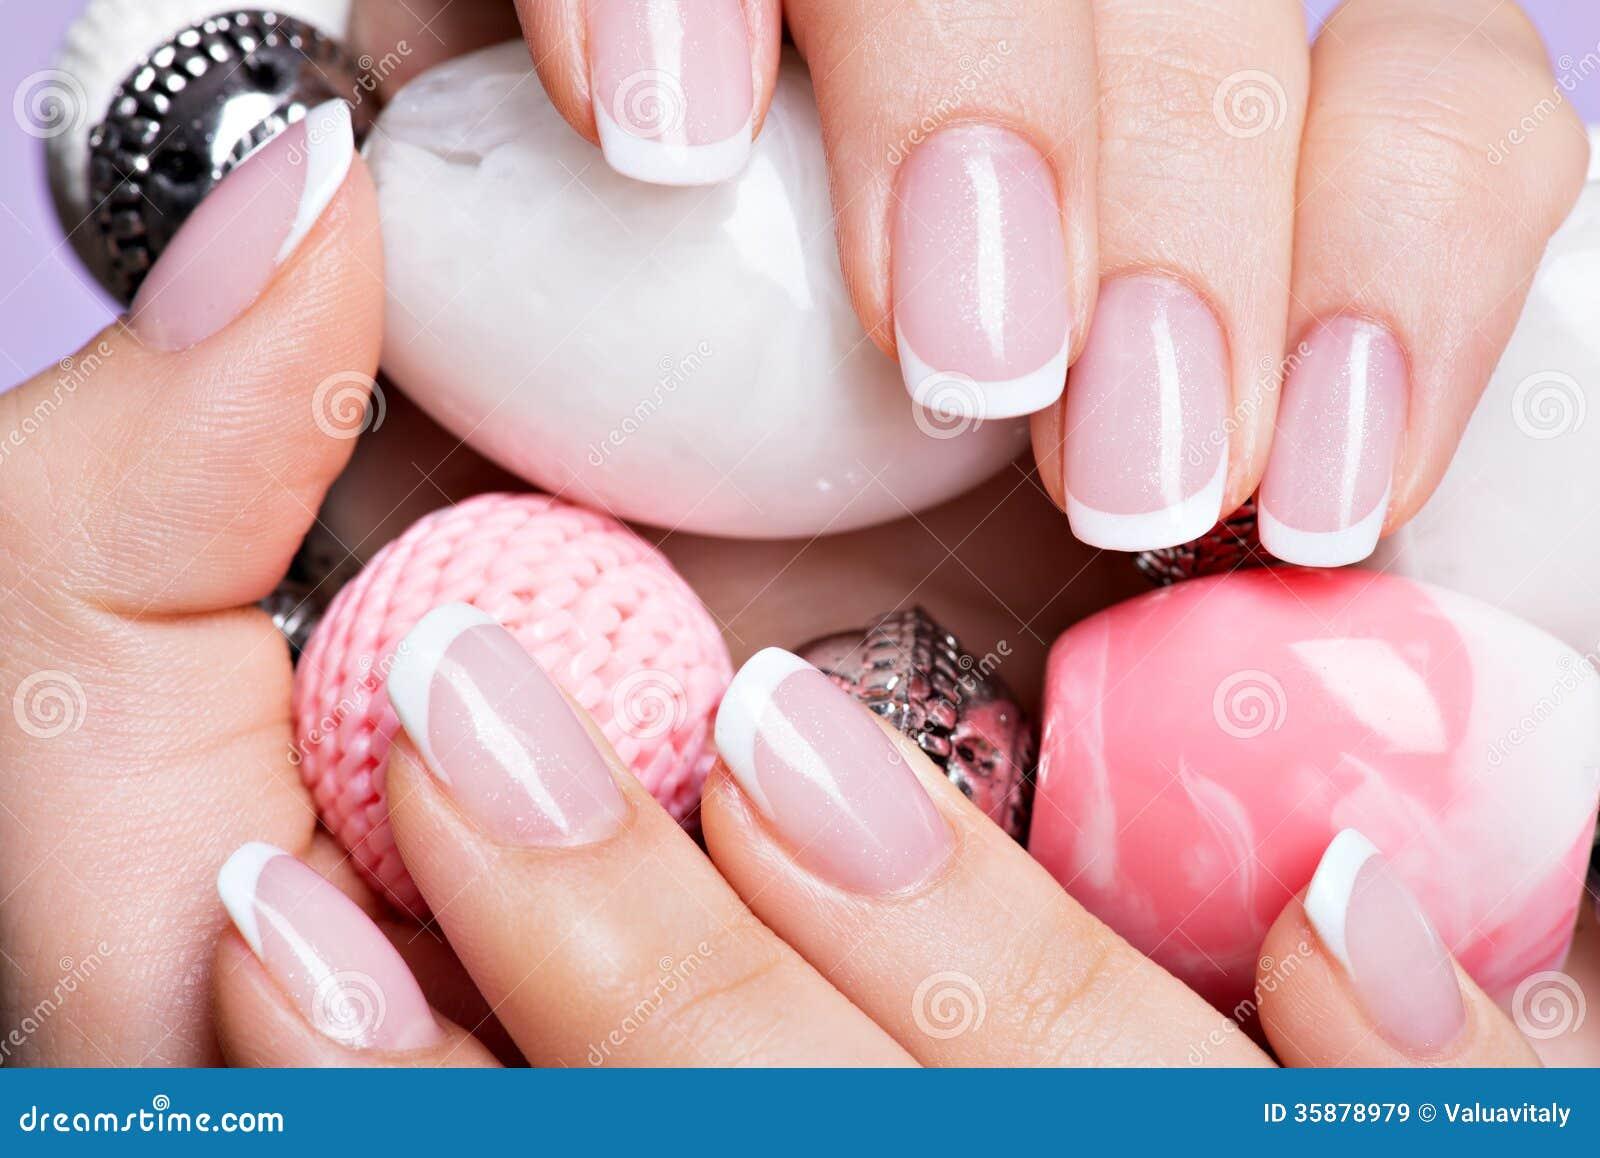 Die Nägel der Frau mit schöner französischer weißer Maniküre